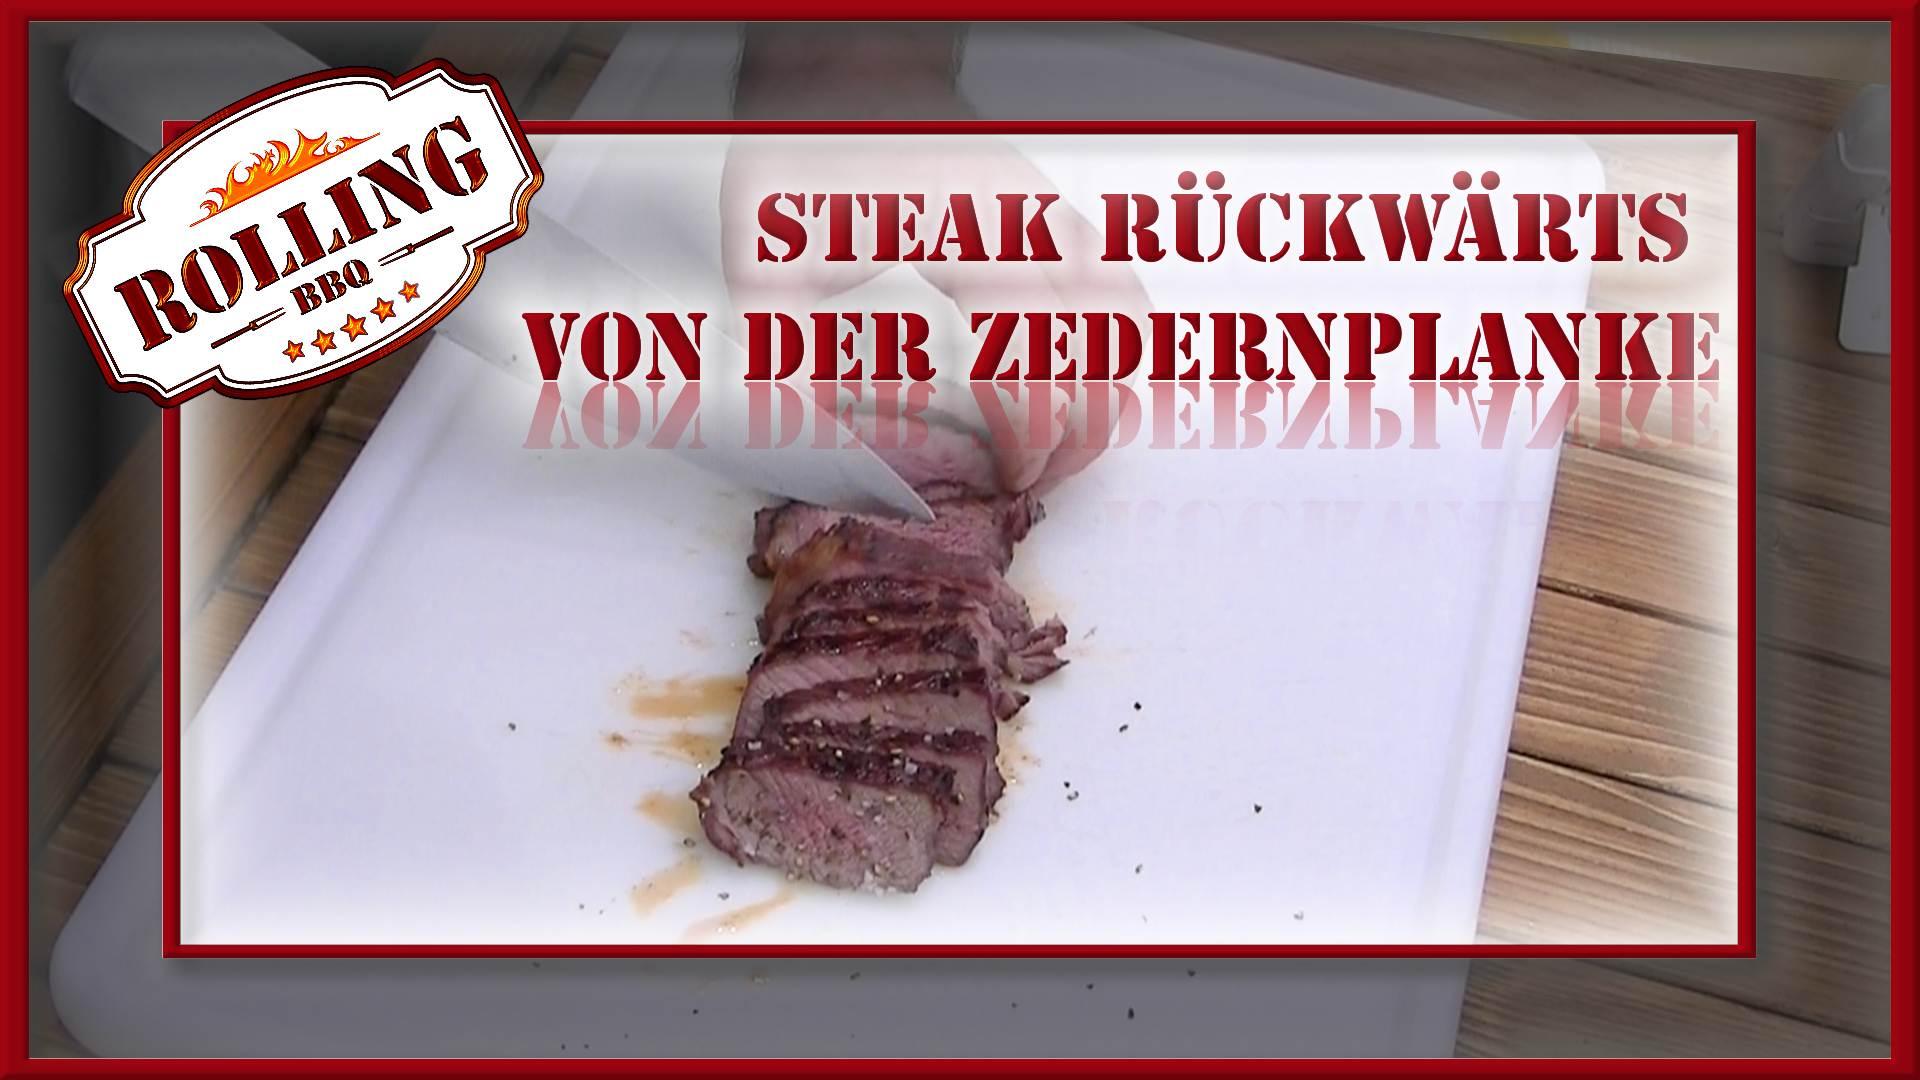 Steak rückwärts von der Zedernplanke